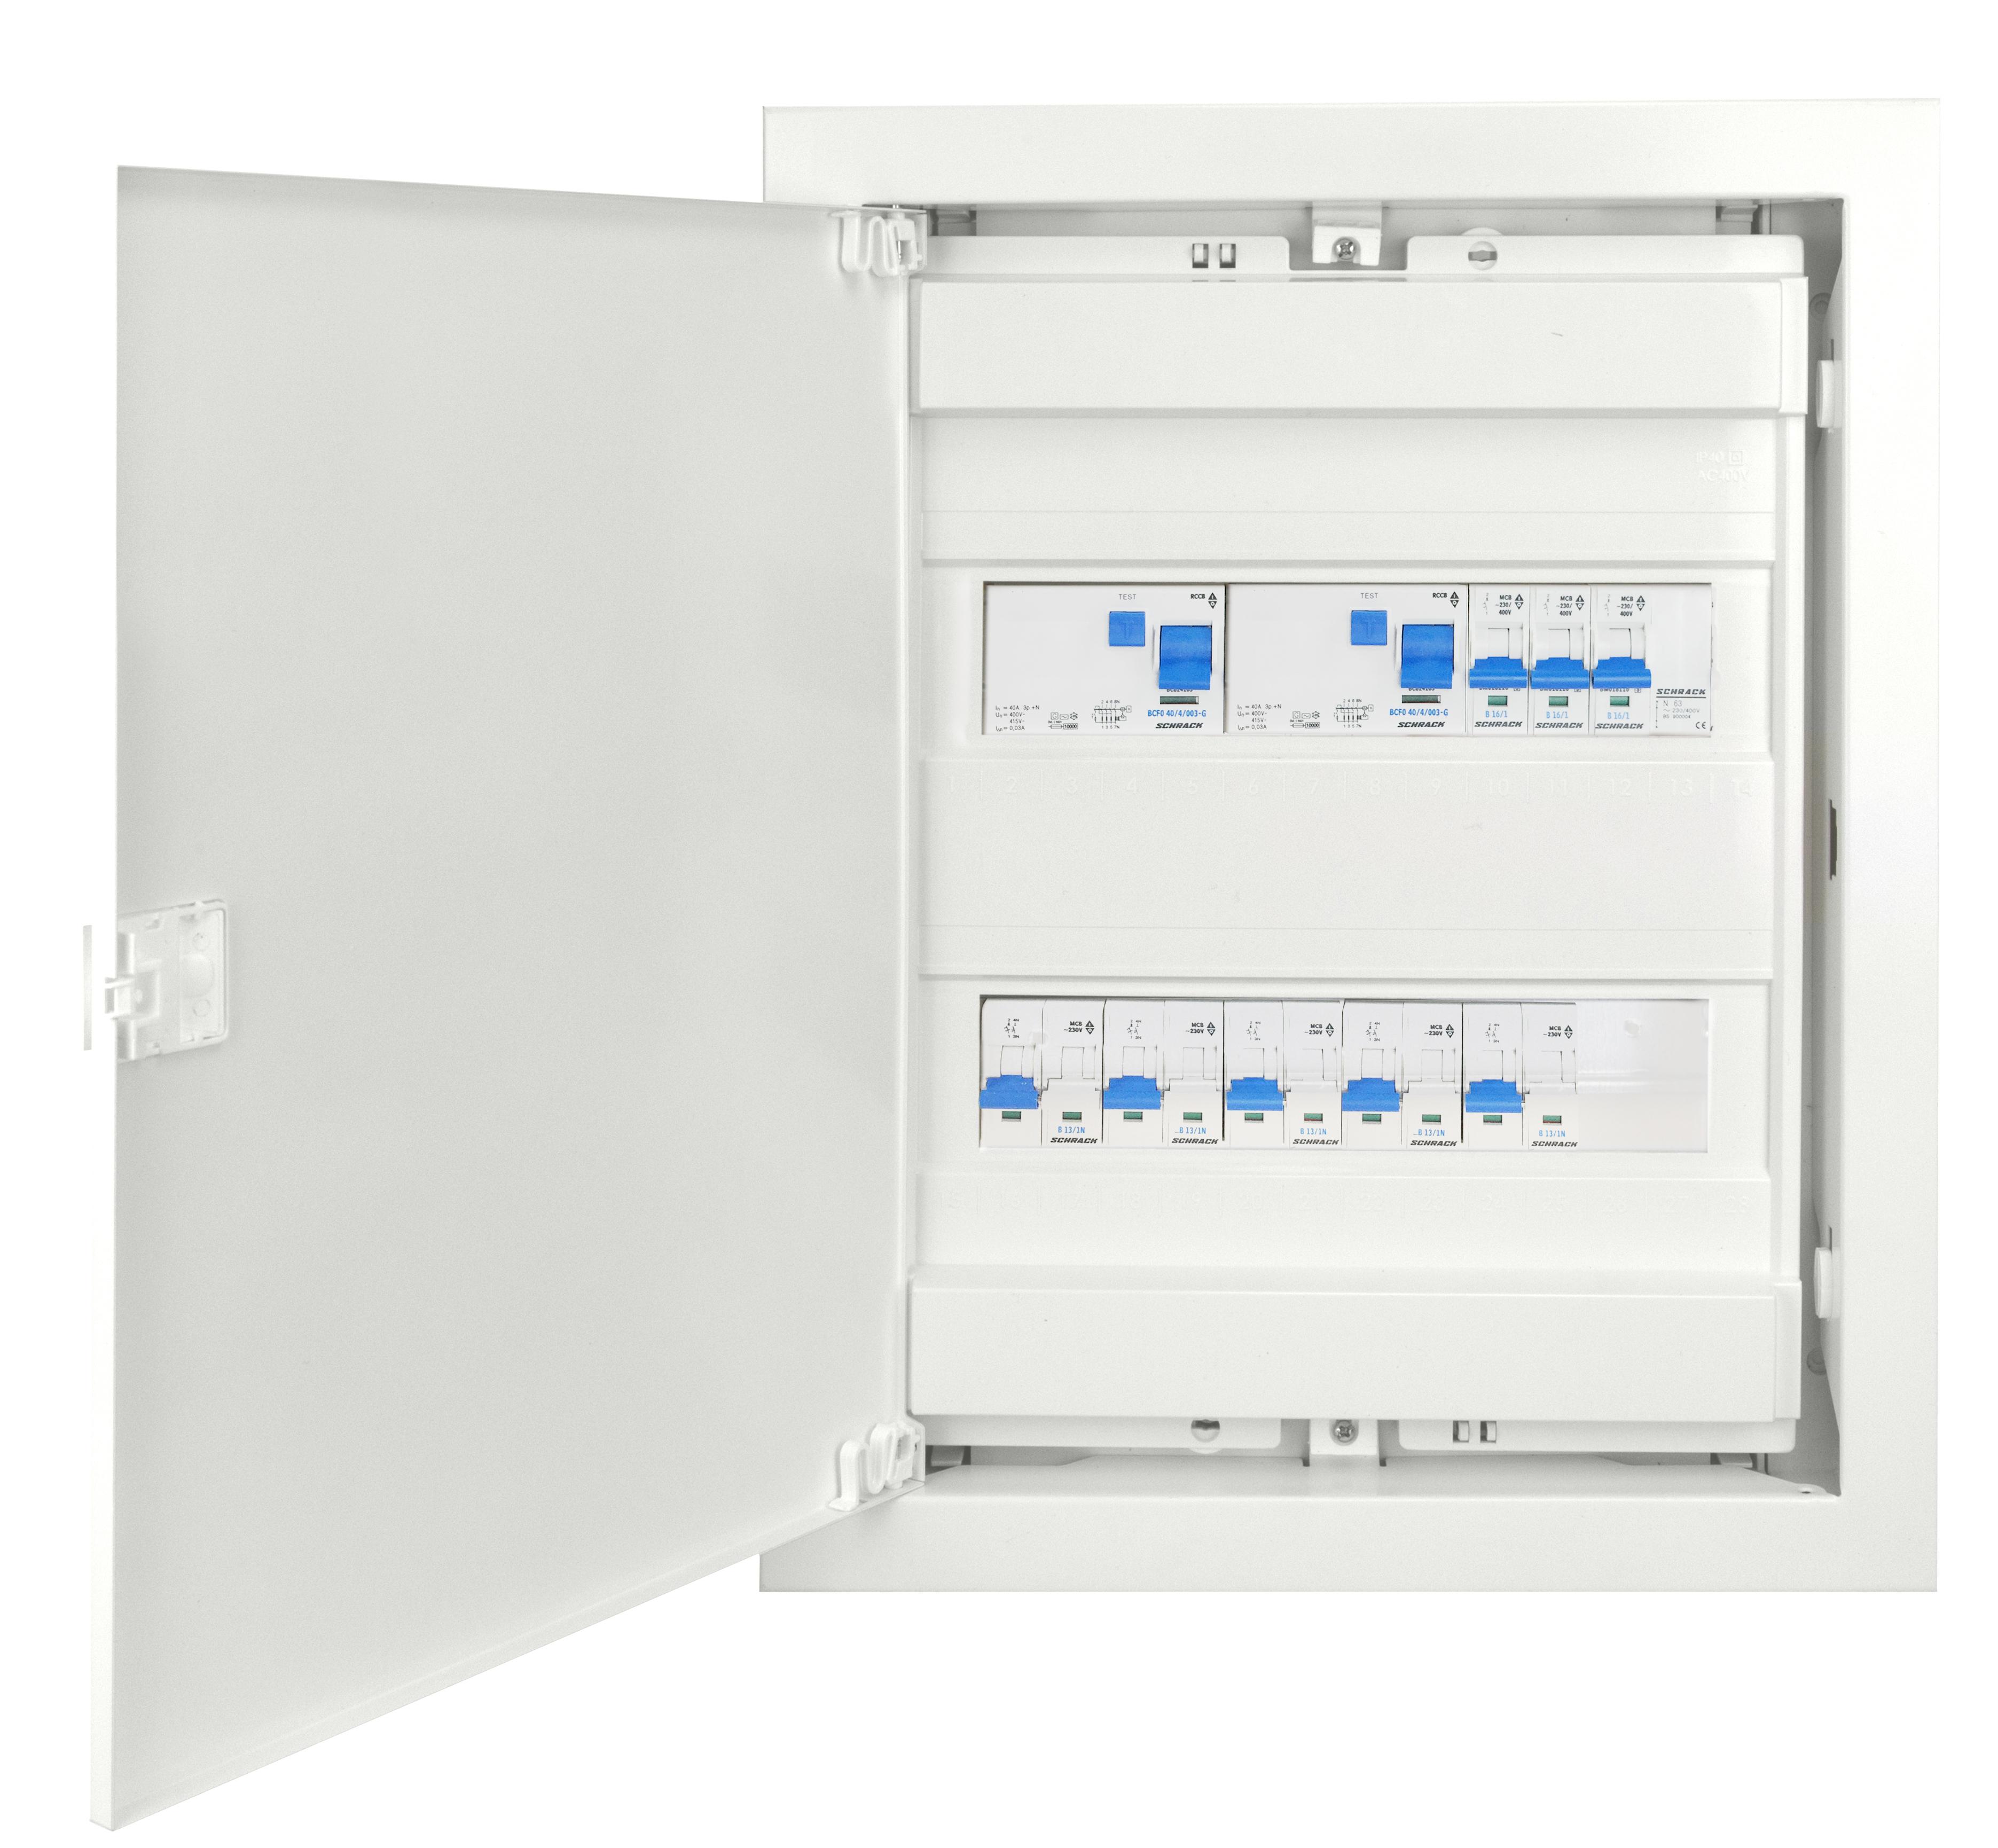 1 Stk UP-Wohnungsverteiler 2-r. mit FI S, Typ A & FI G, Typ A BKUP400SGA